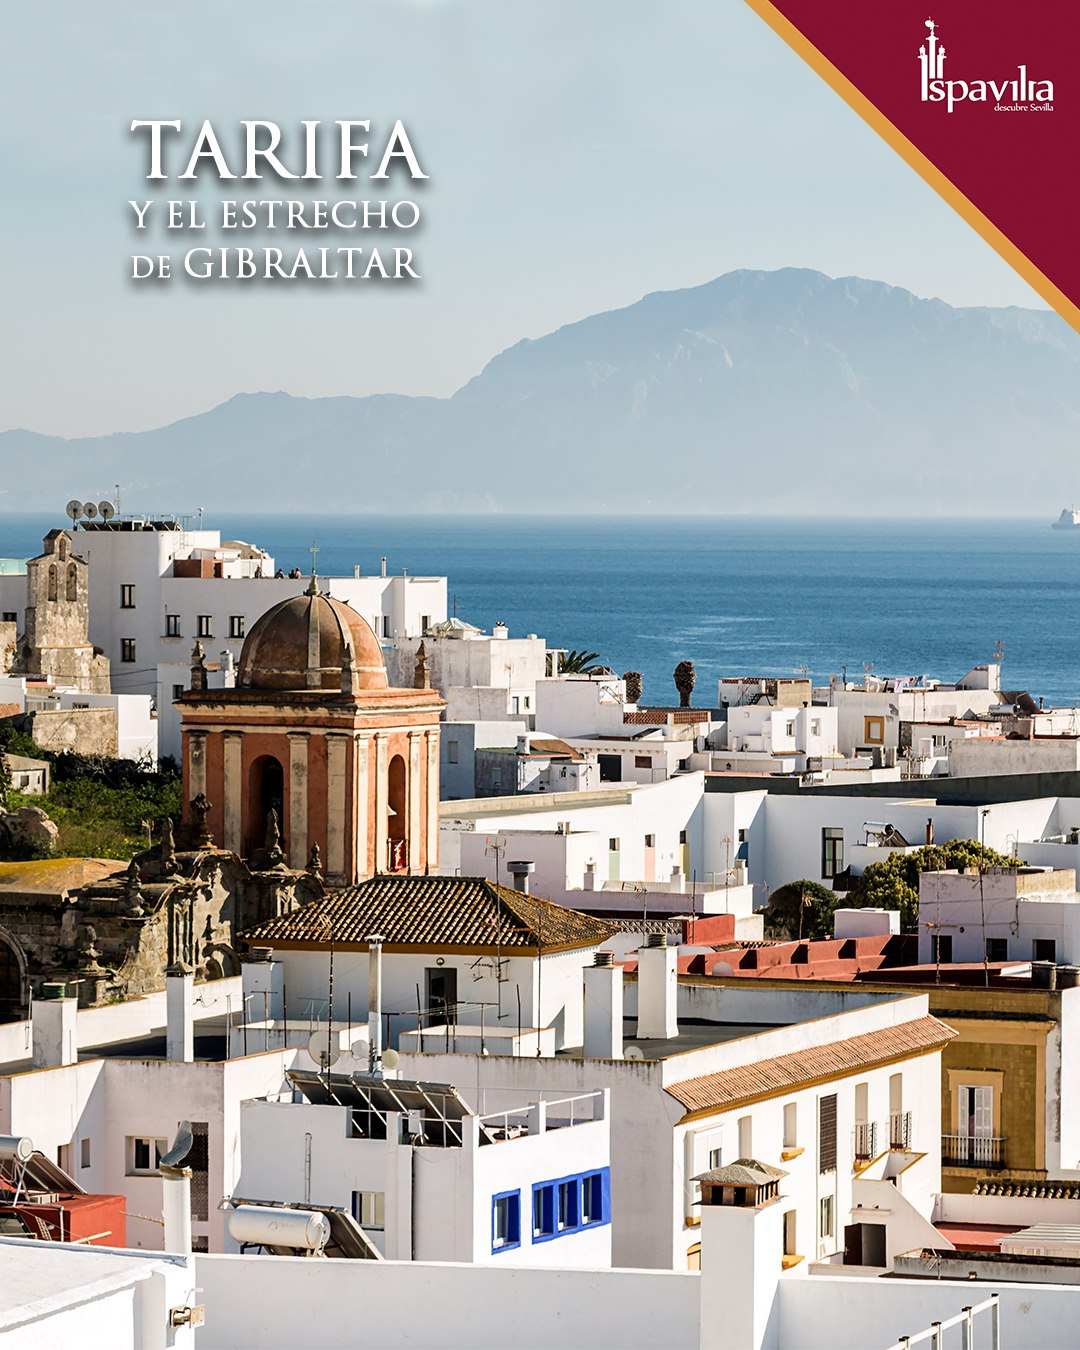 Ruta Cultural 'Tarifa y el Estrecho de Gibraltar'